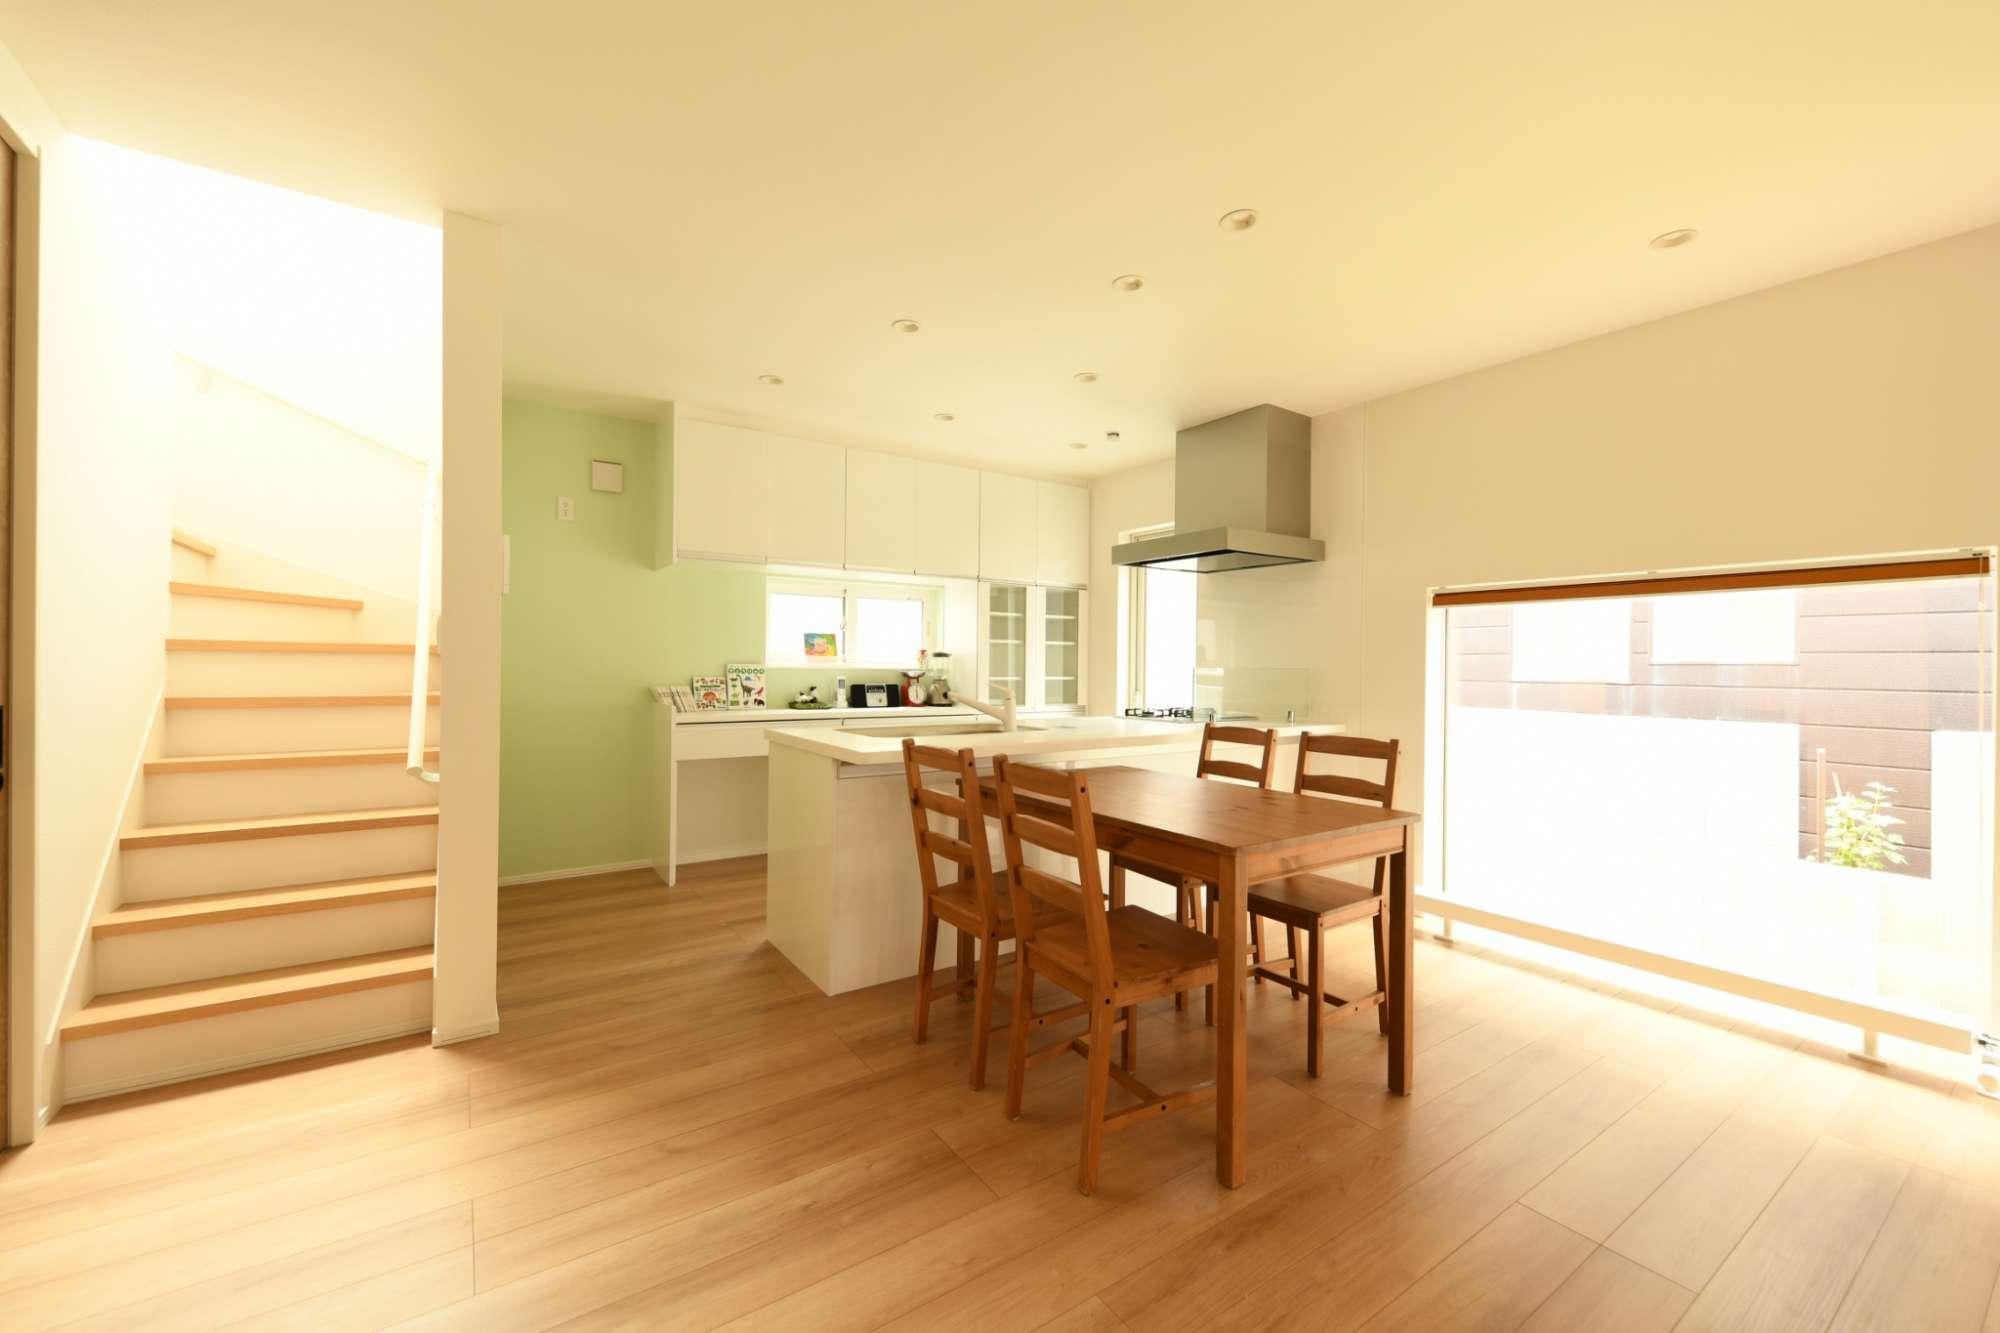 背面の優しいグリーンが生えるキッチン -  -  -